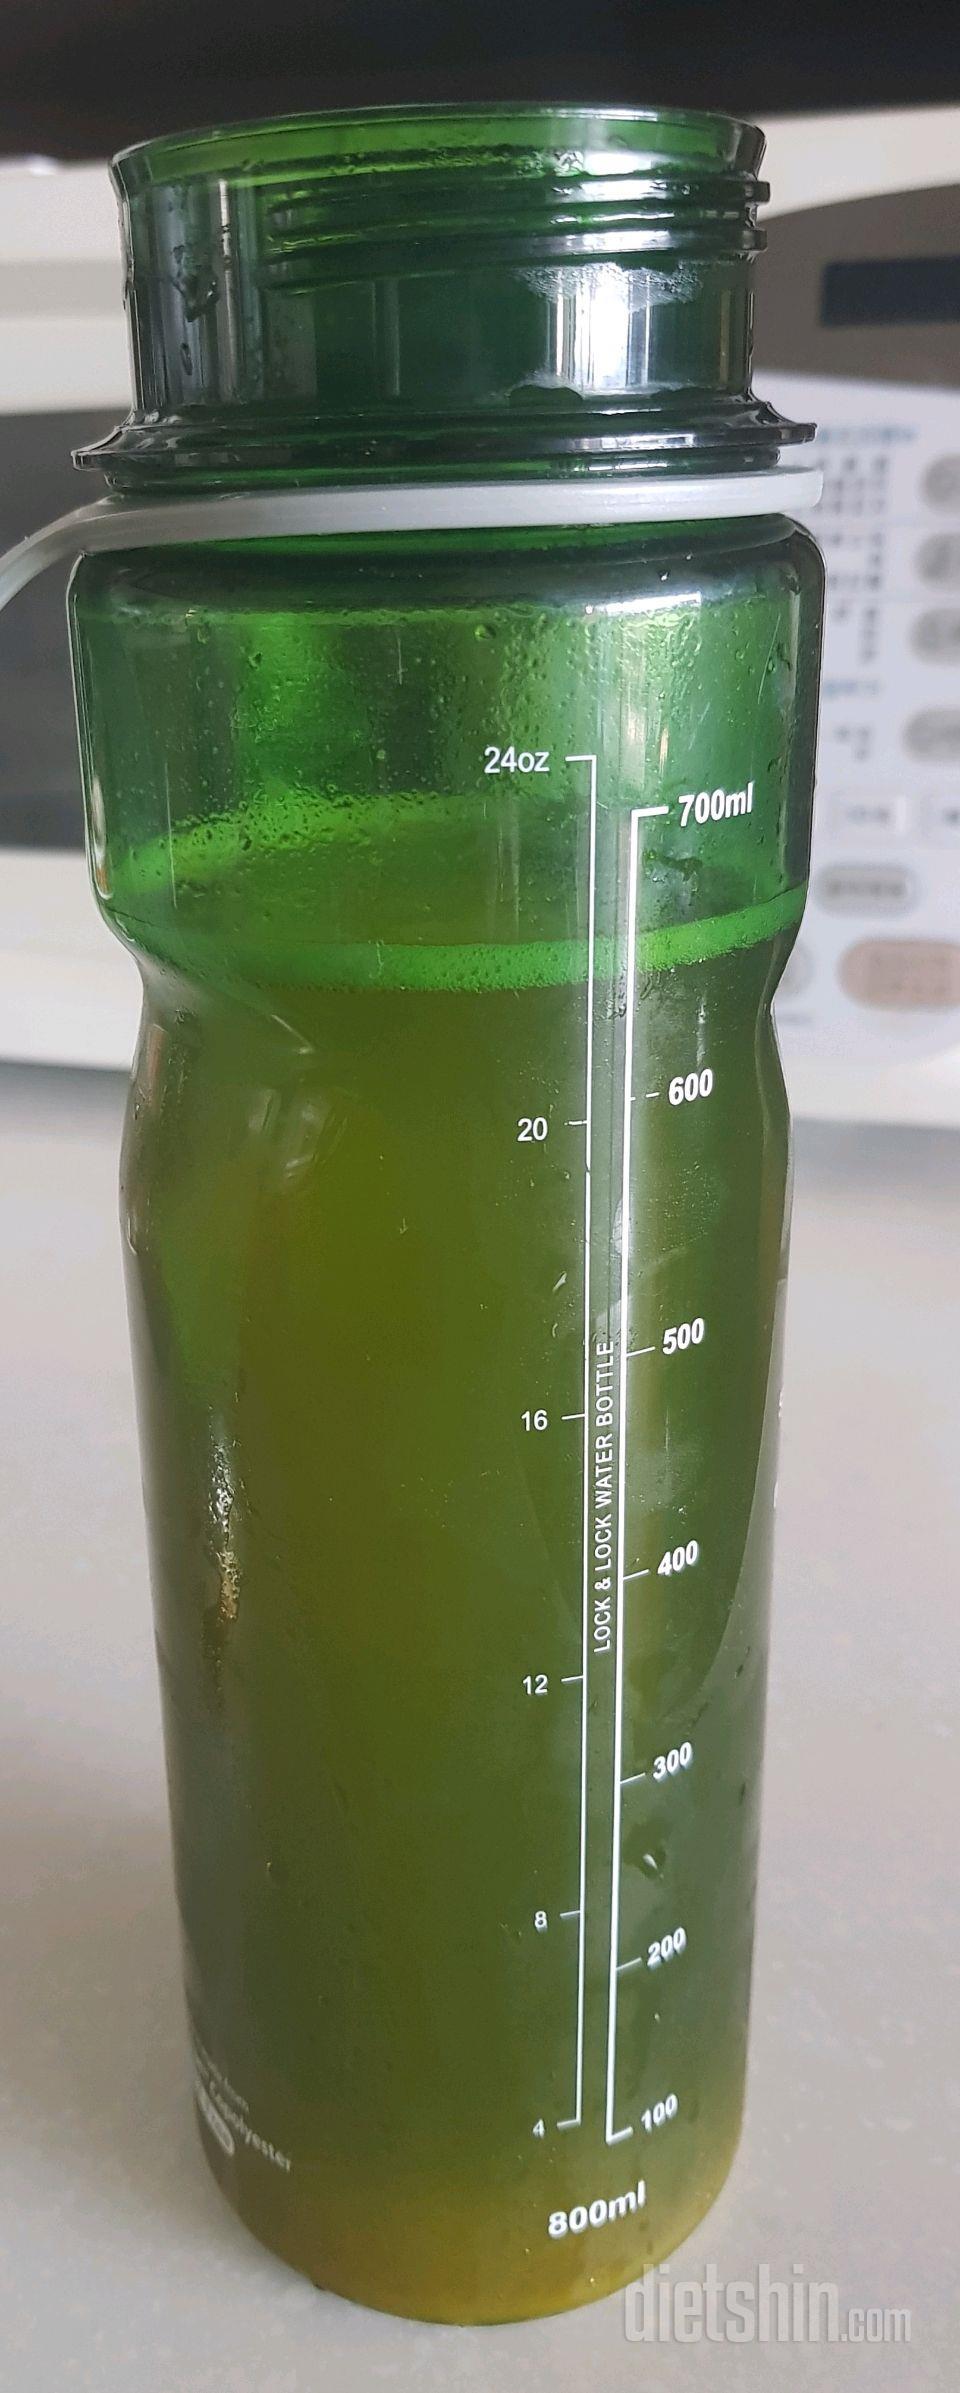 하루물 마시기 몇일동안 600ml 마시다 2l물 마시기 도전합니다.